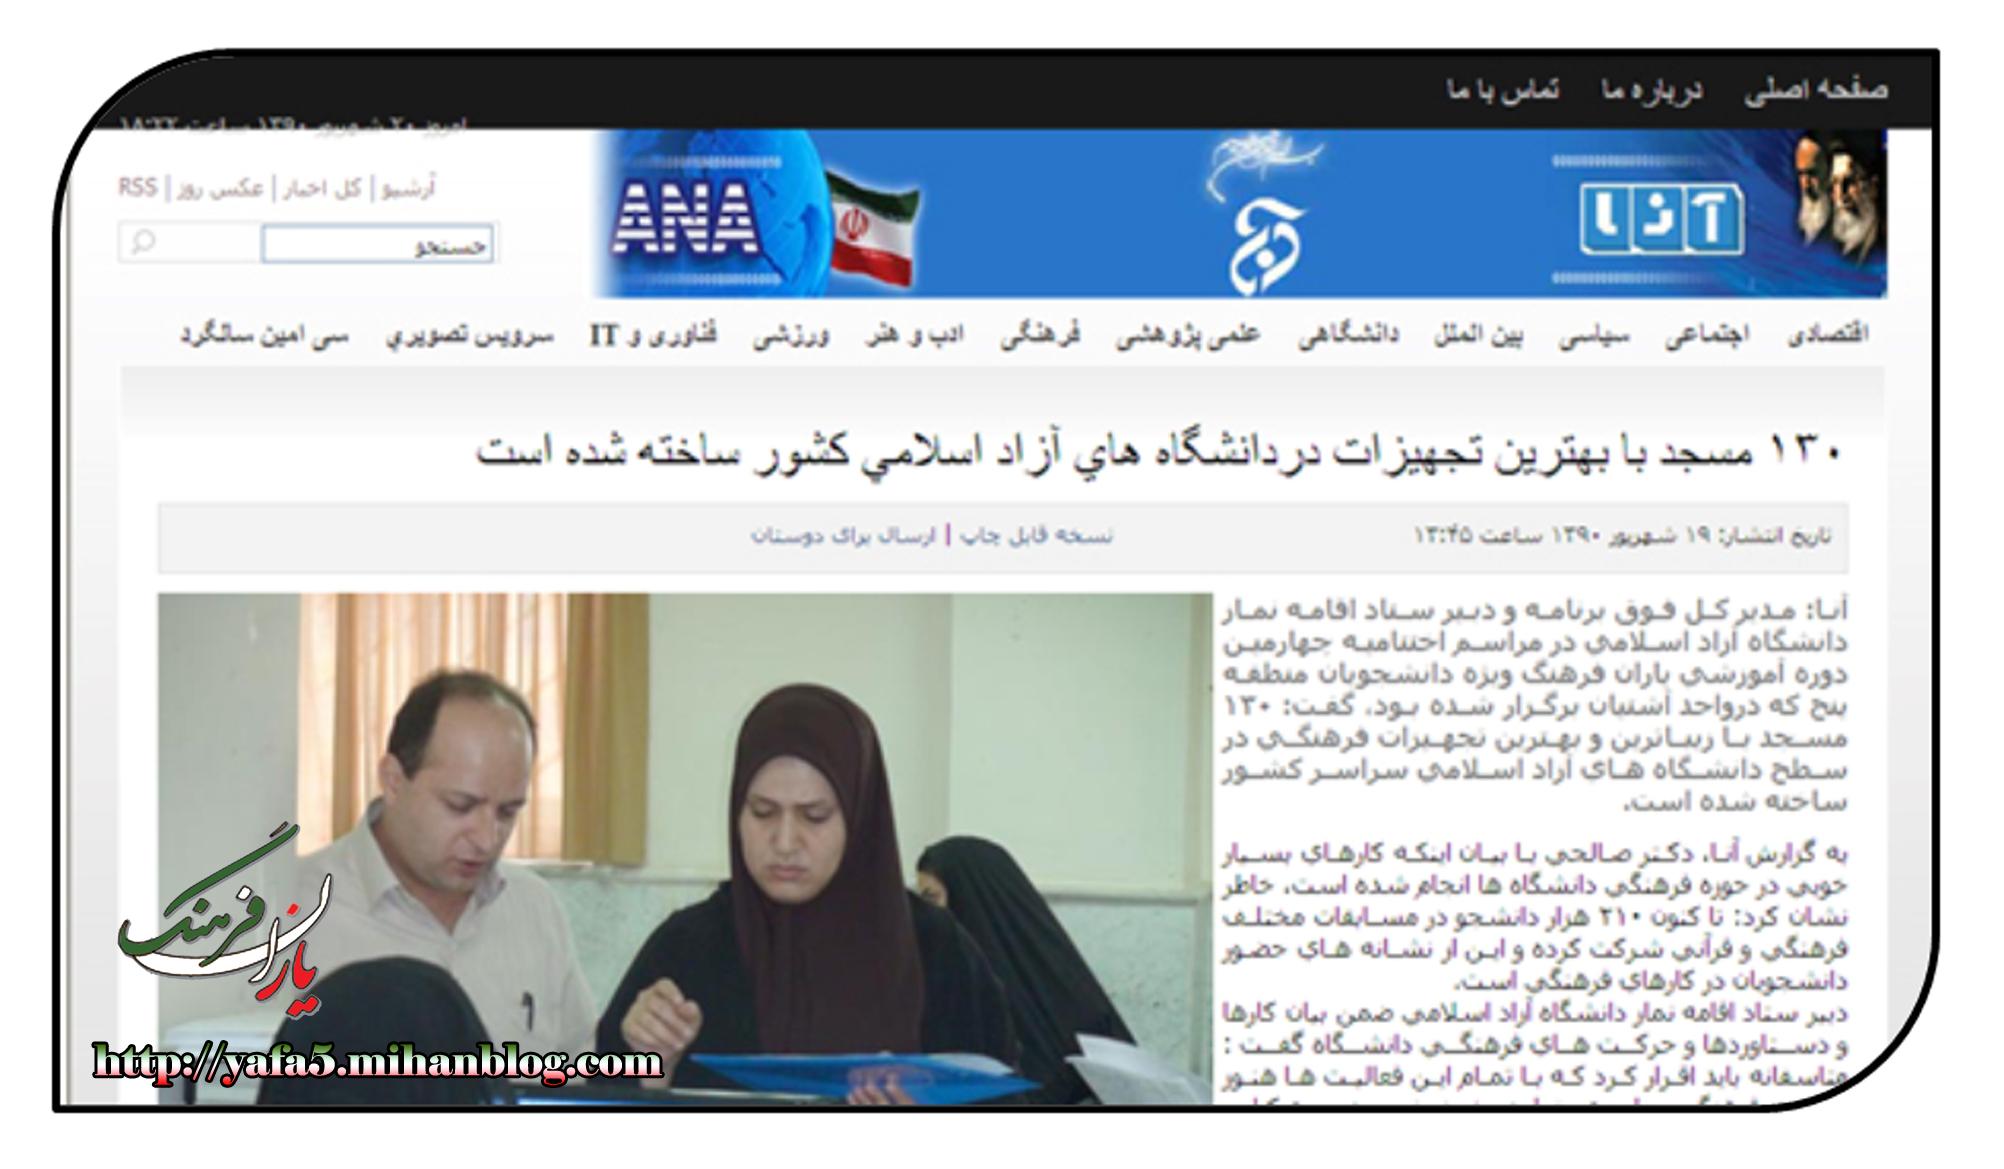 انعکاس خبر مراسم اختتاحیه چهارمین دوره یاران فرهنگ مرحله مقدماتی در خبرگزاری آنا